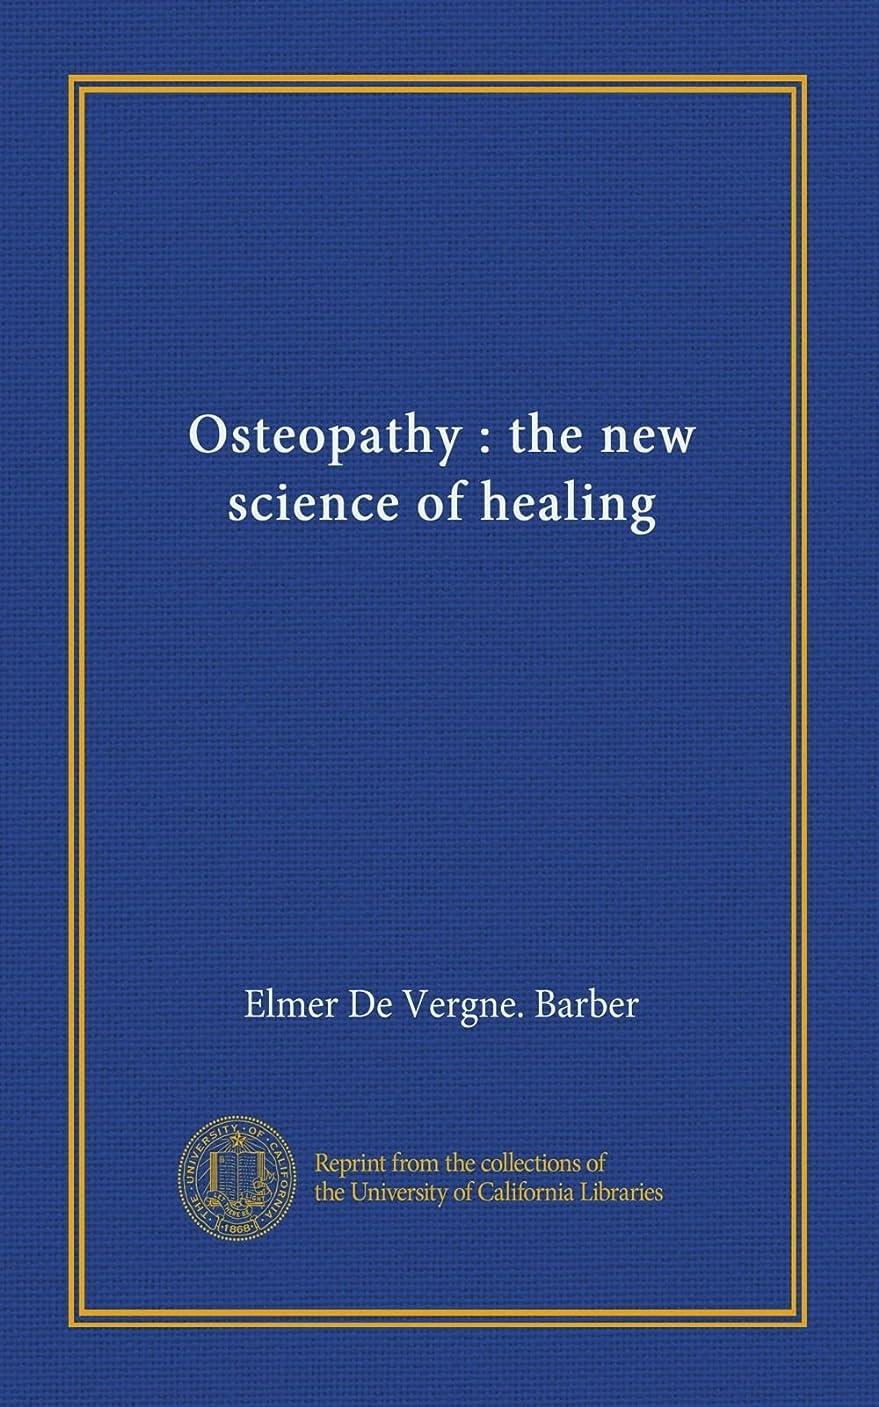 神経衰弱広がり子供っぽいOsteopathy : the new science of healing